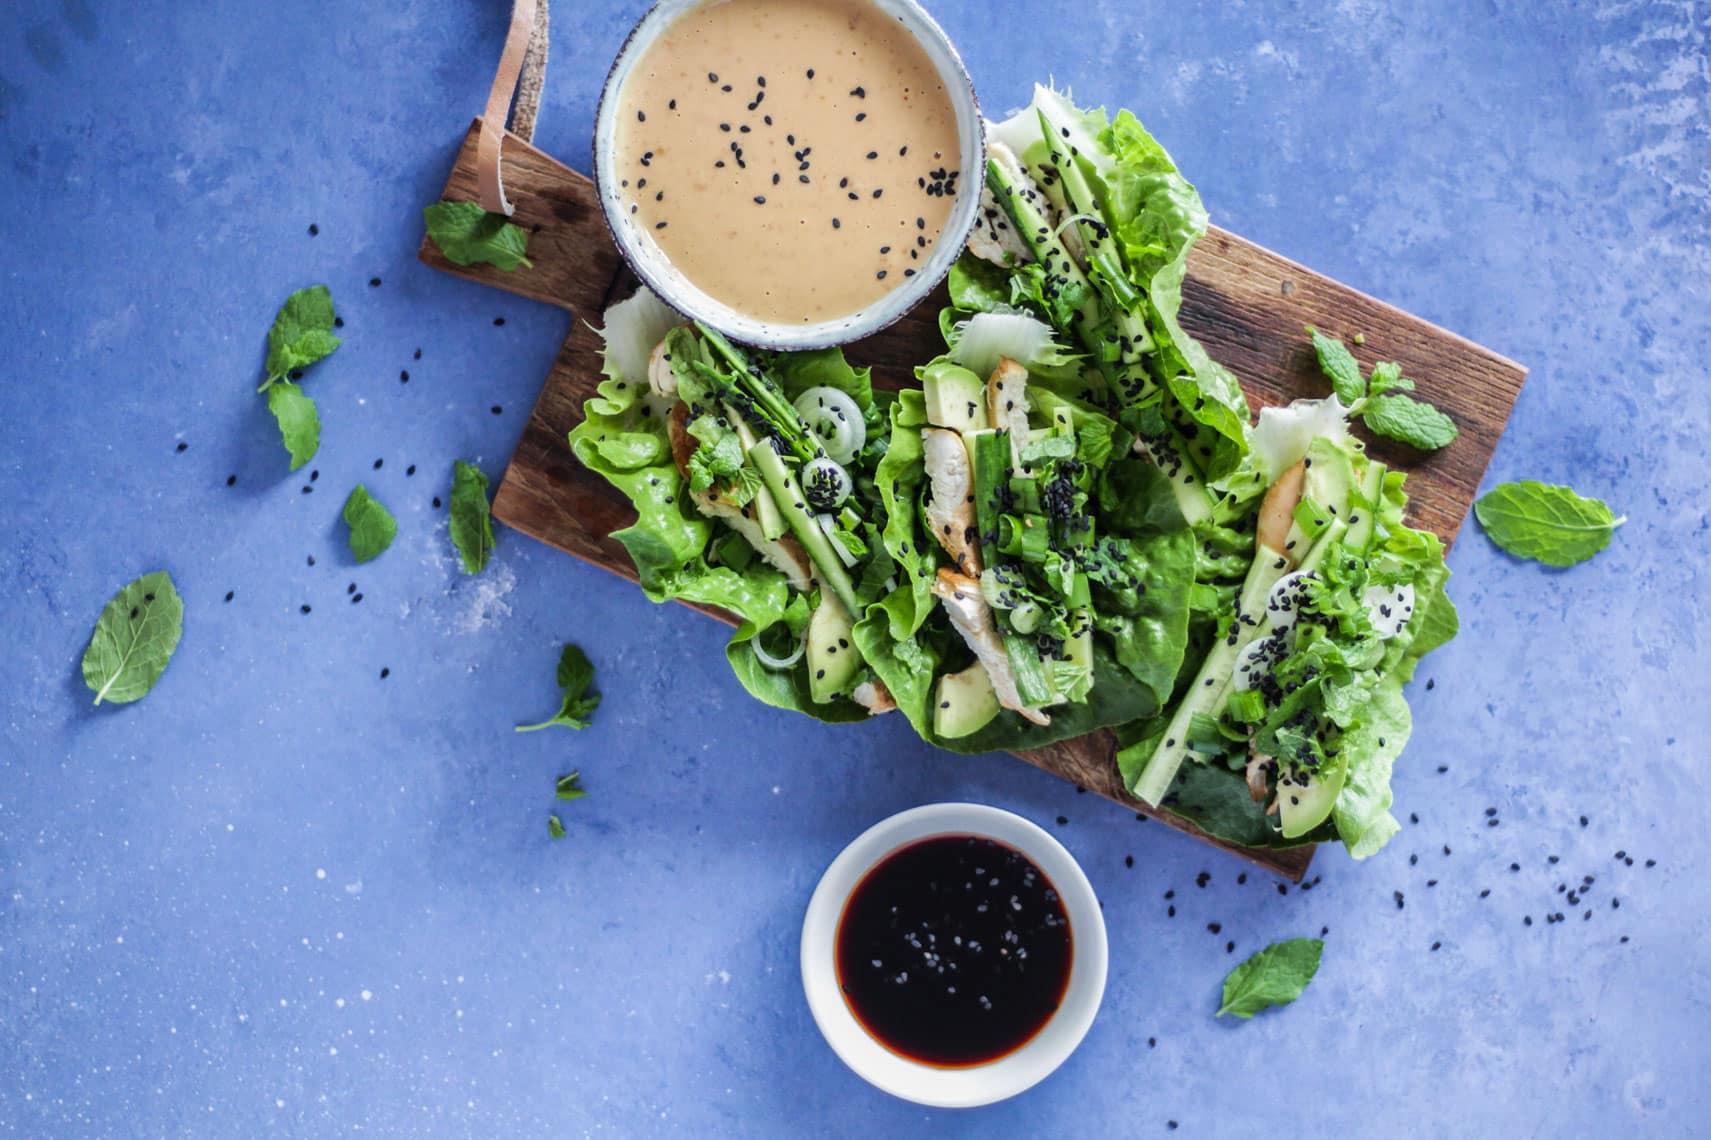 Friske salatruller med kylling og peanutbuttersovs - lækker LCHF / Keto opskrift på friske forårsruller